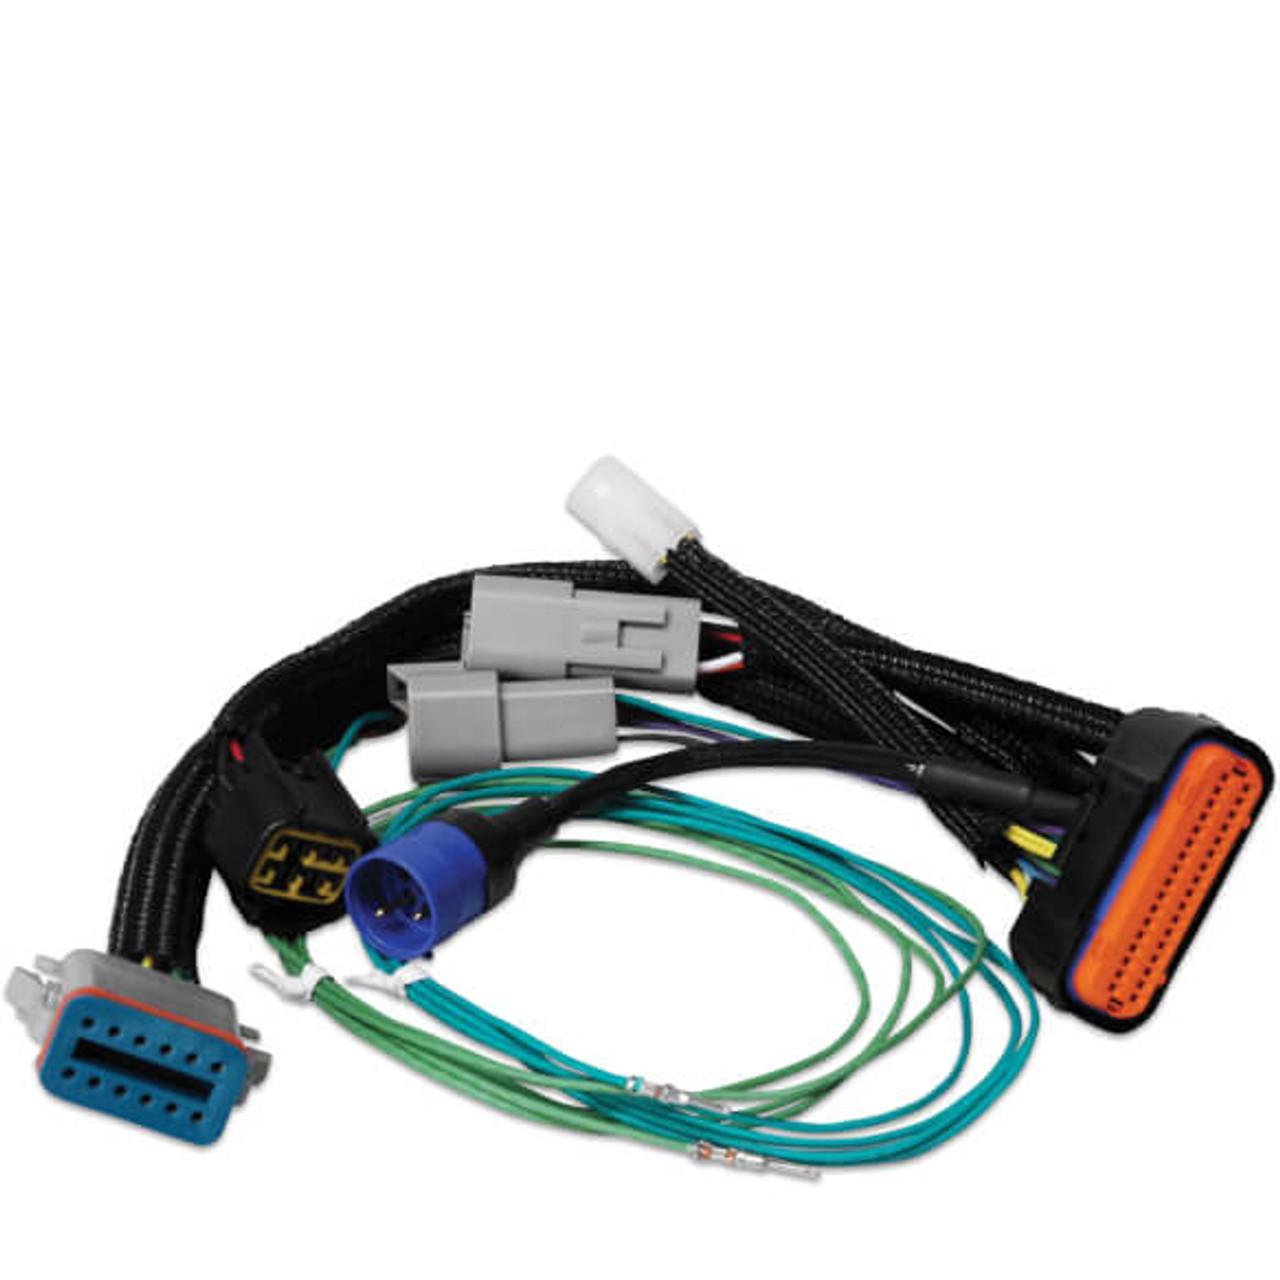 Awesome Power Grid Wiring Harness Wiring Diagram Wiring Database Xlexigelartorg